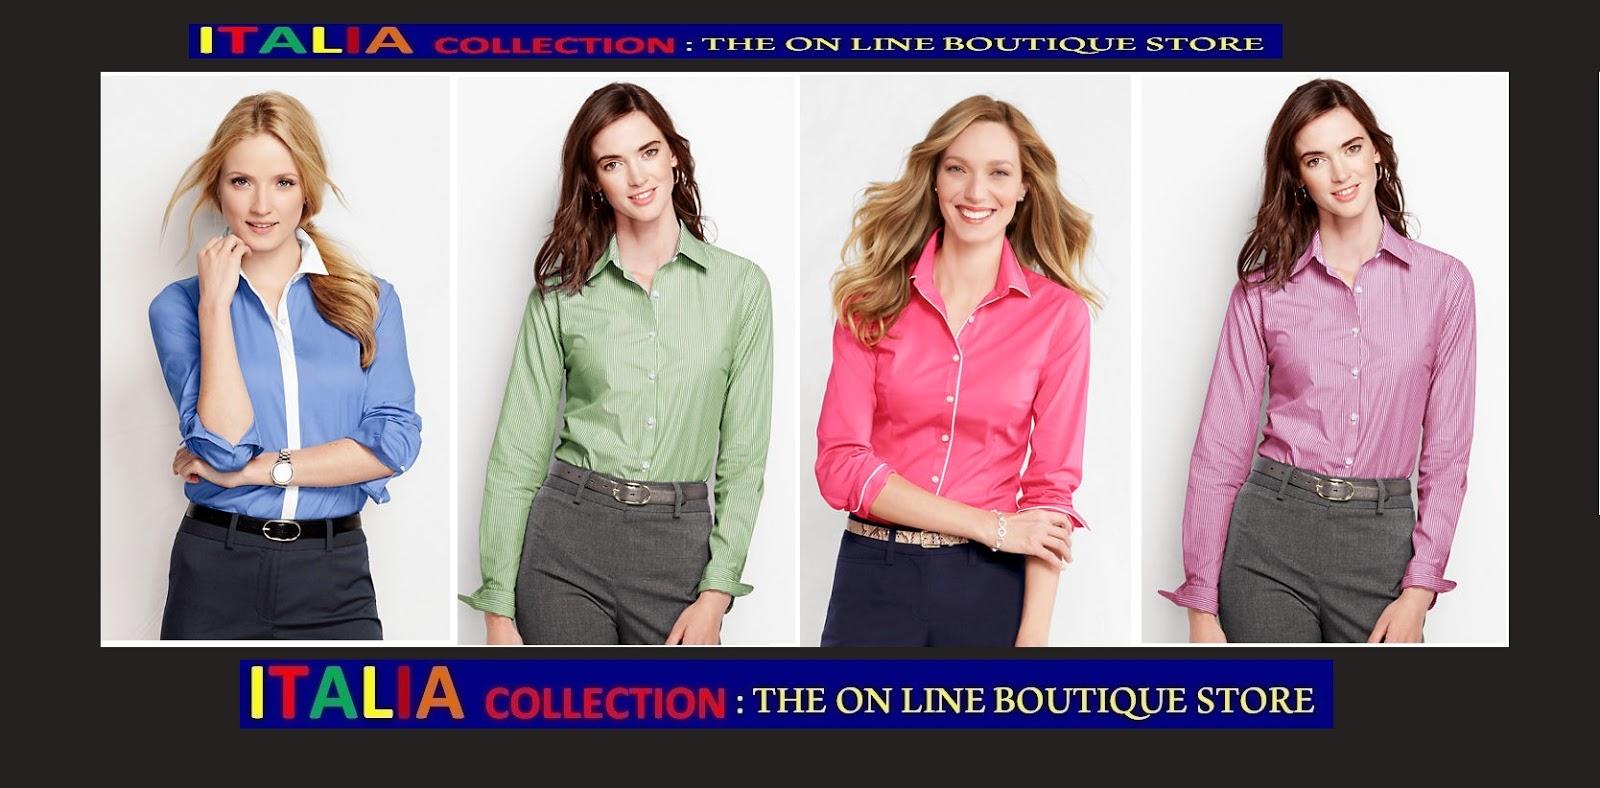 Camisas Mangas Largas Mujer Comprá Ahora con Envío  - imagenes de modelos de camisas para mujeres